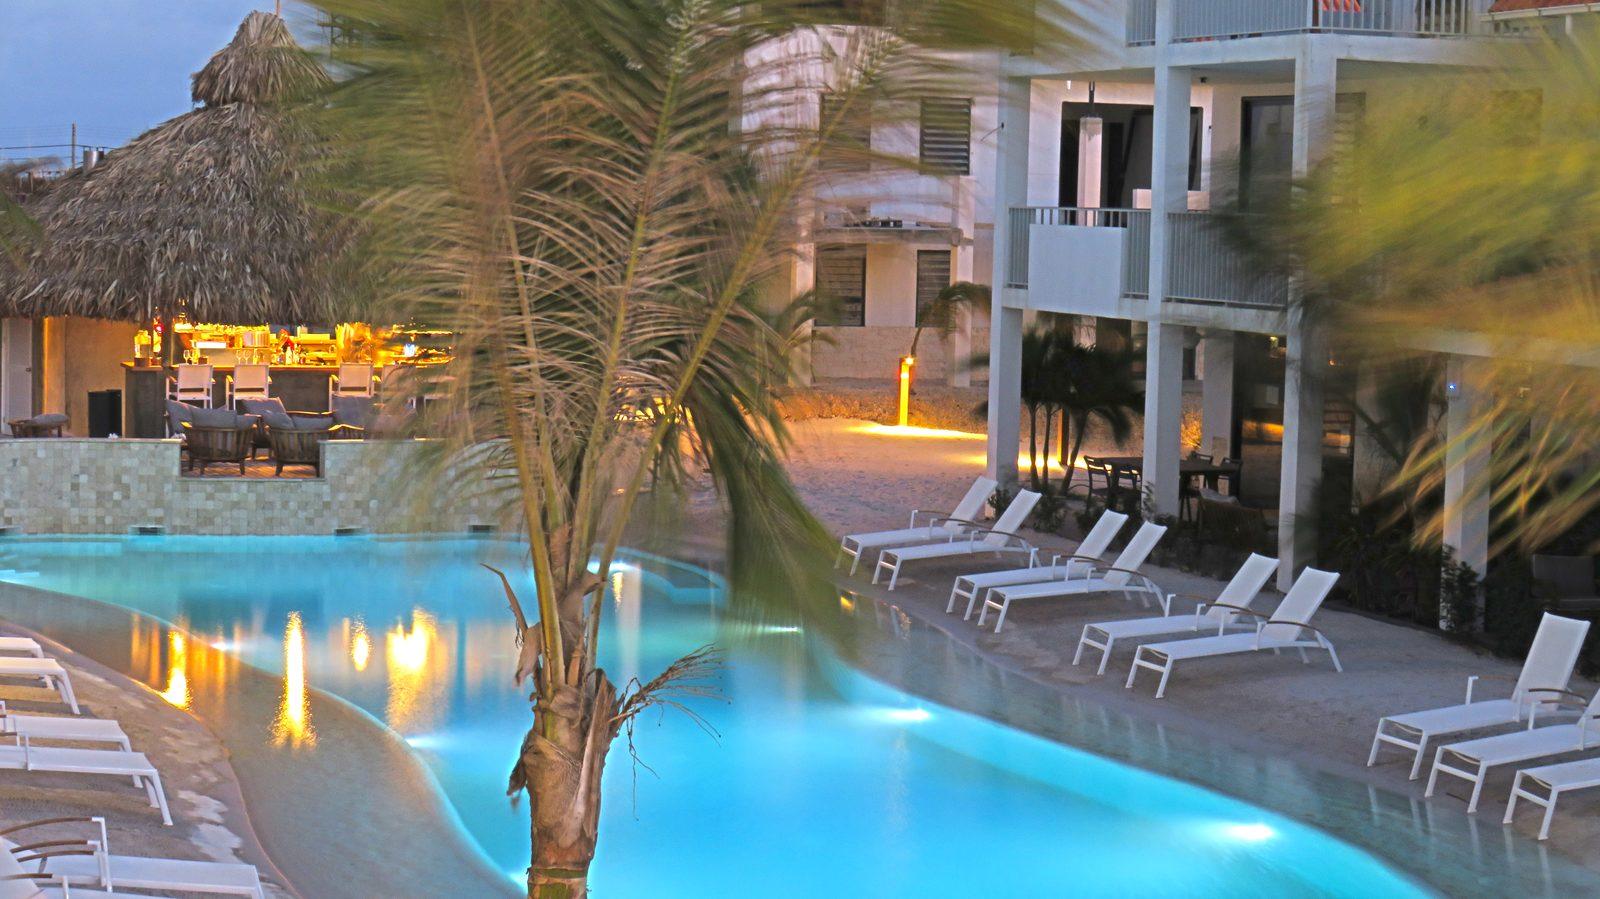 Das Resort Bonaire bietet im Park vielfältige Einrichtungen, die Sie als Gast nutzen dürfen. Leihen Sie sich eine Schnorchelausrüstung oder schwimmen in unserem Pool!